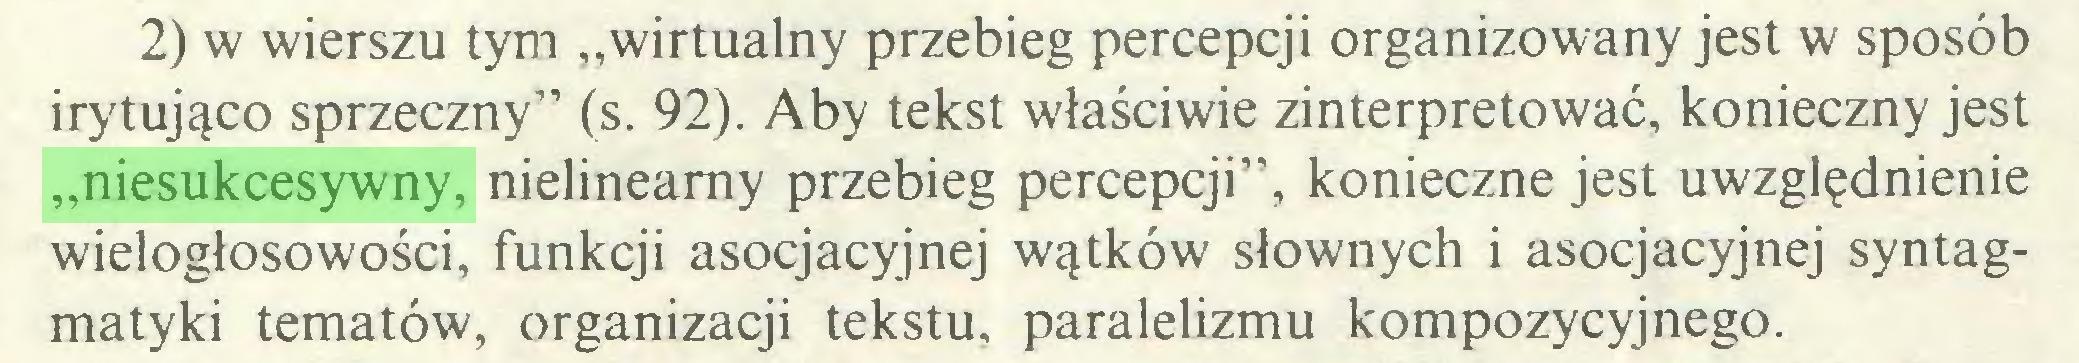 """(...) 2) w wierszu tym """"wirtualny przebieg percepcji organizowany jest w sposób irytująco sprzeczny"""" (s. 92). Aby tekst właściwie zinterpretować, konieczny jest """"niesukcesywny, nielineamy przebieg percepcji"""", konieczne jest uwzględnienie wielogłosowości, funkcji asocjacyjnej wątków słownych i asocjacyjnej syntagmatyki tematów, organizacji tekstu, paralelizmu kompozycyjnego..."""